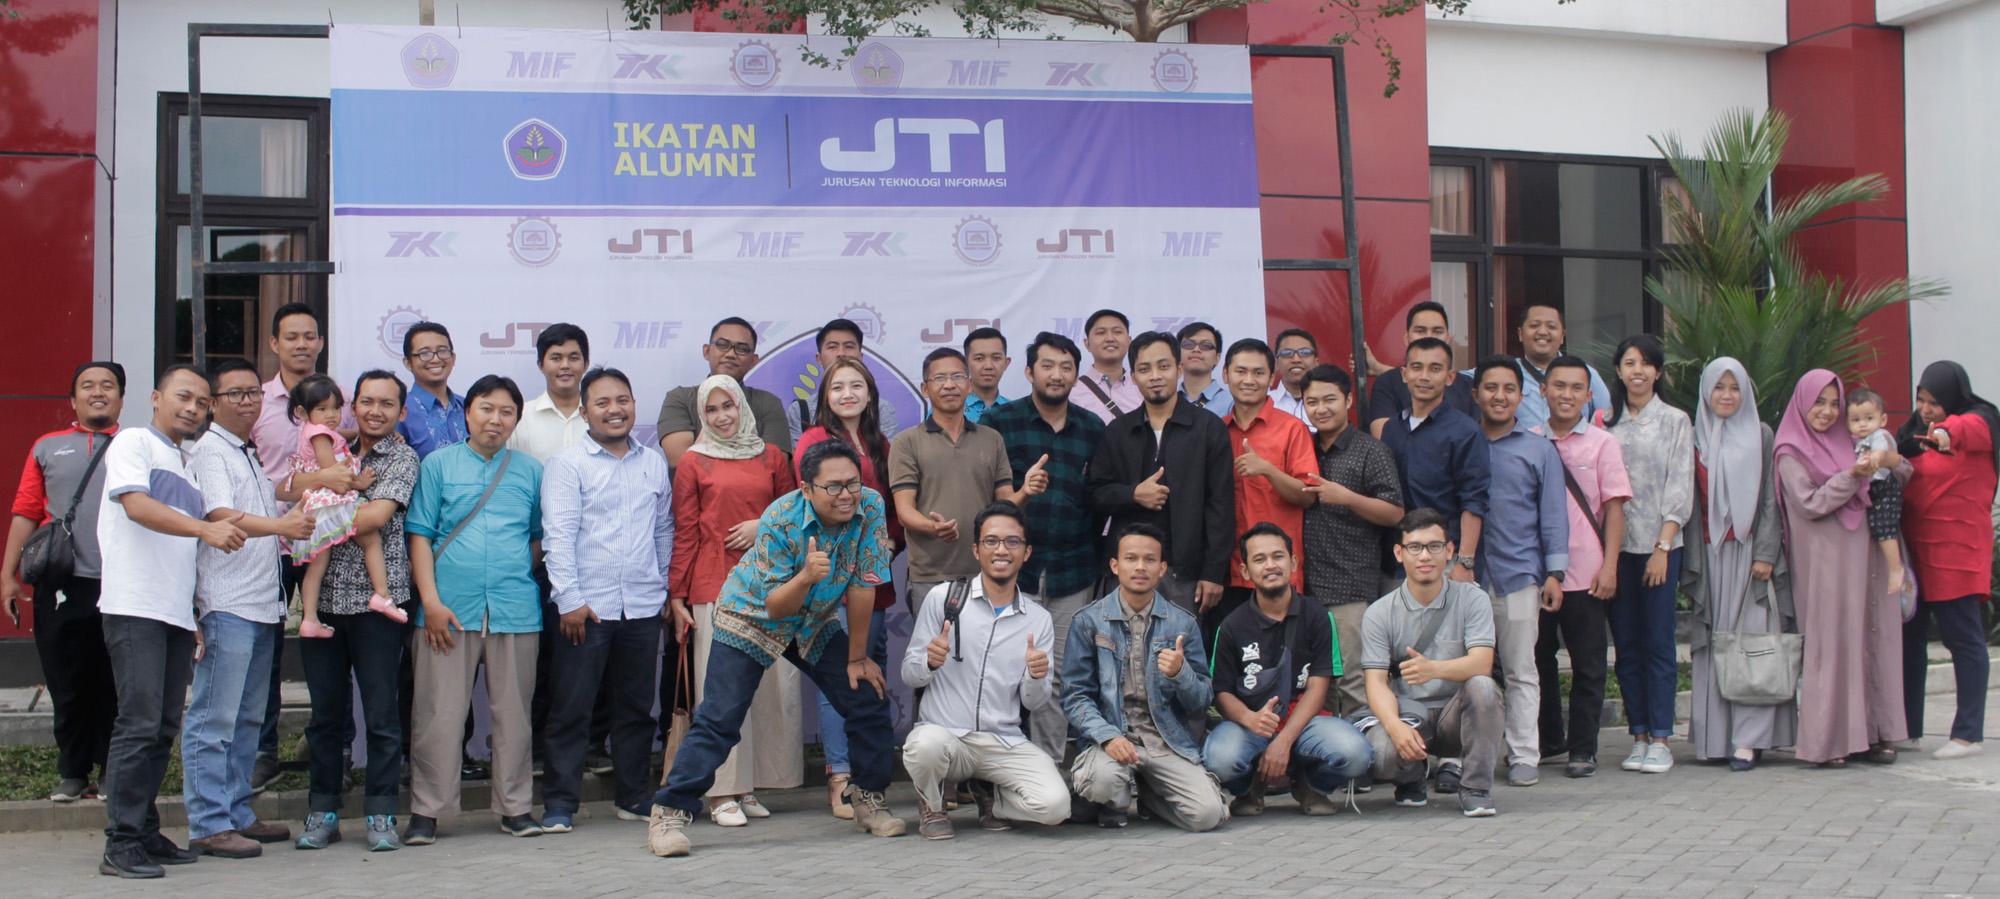 Alumni Jurusan Teknologi Informasi